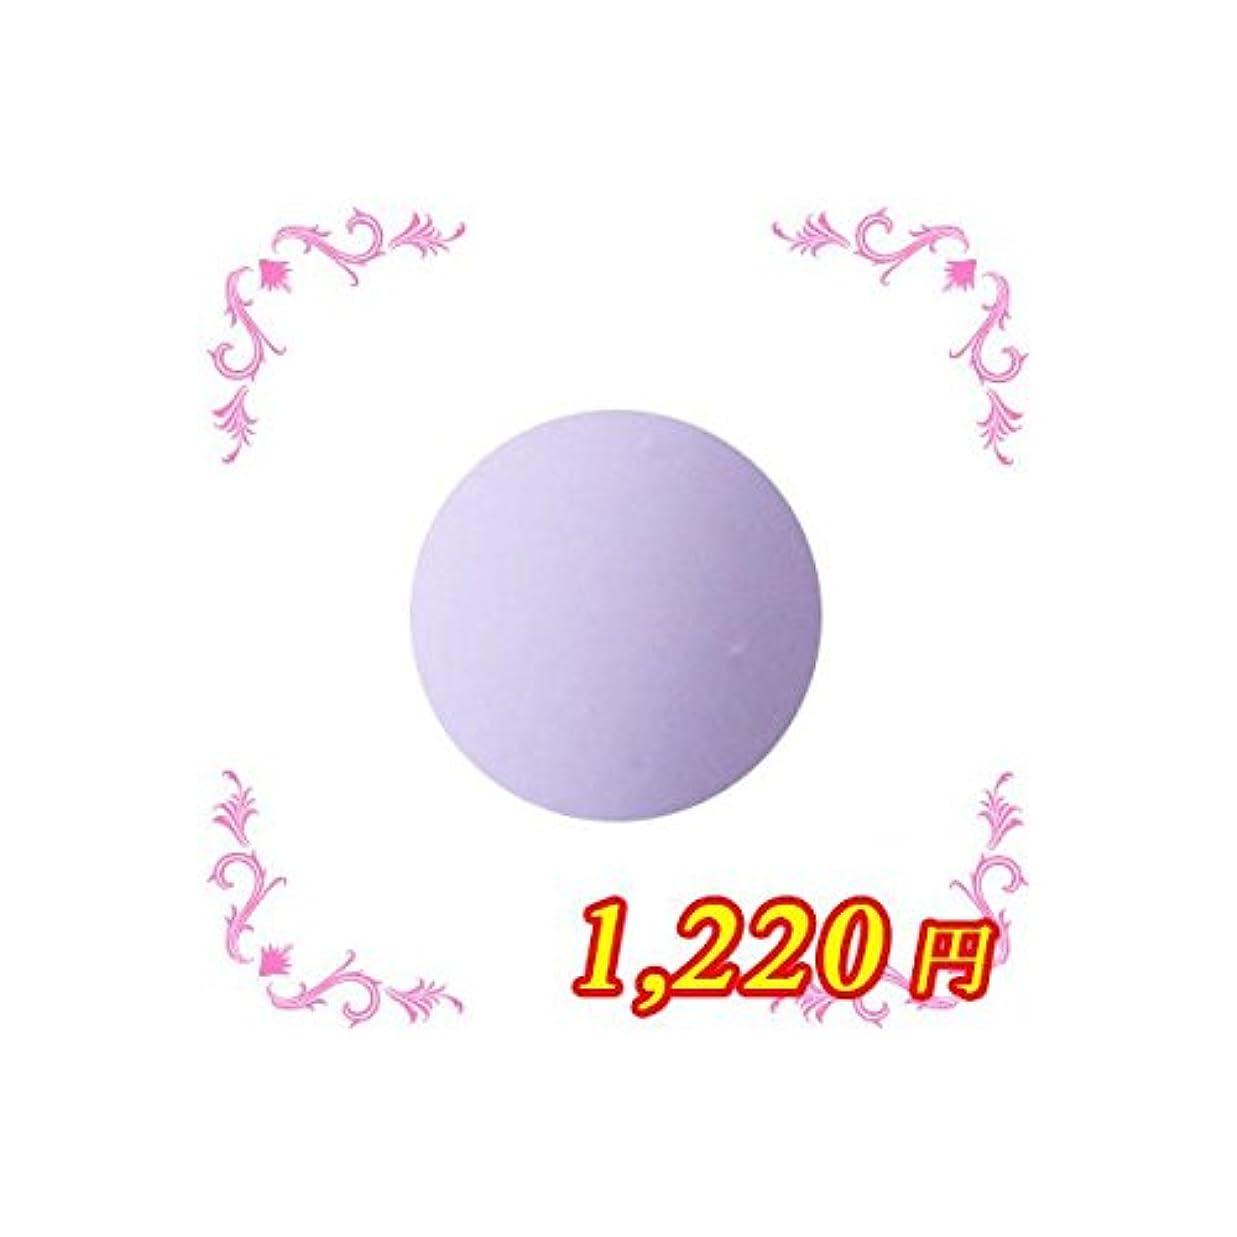 スピーカー予防接種するパーツアンジェル Isska カラージェル AGI-C7M シキブパープル